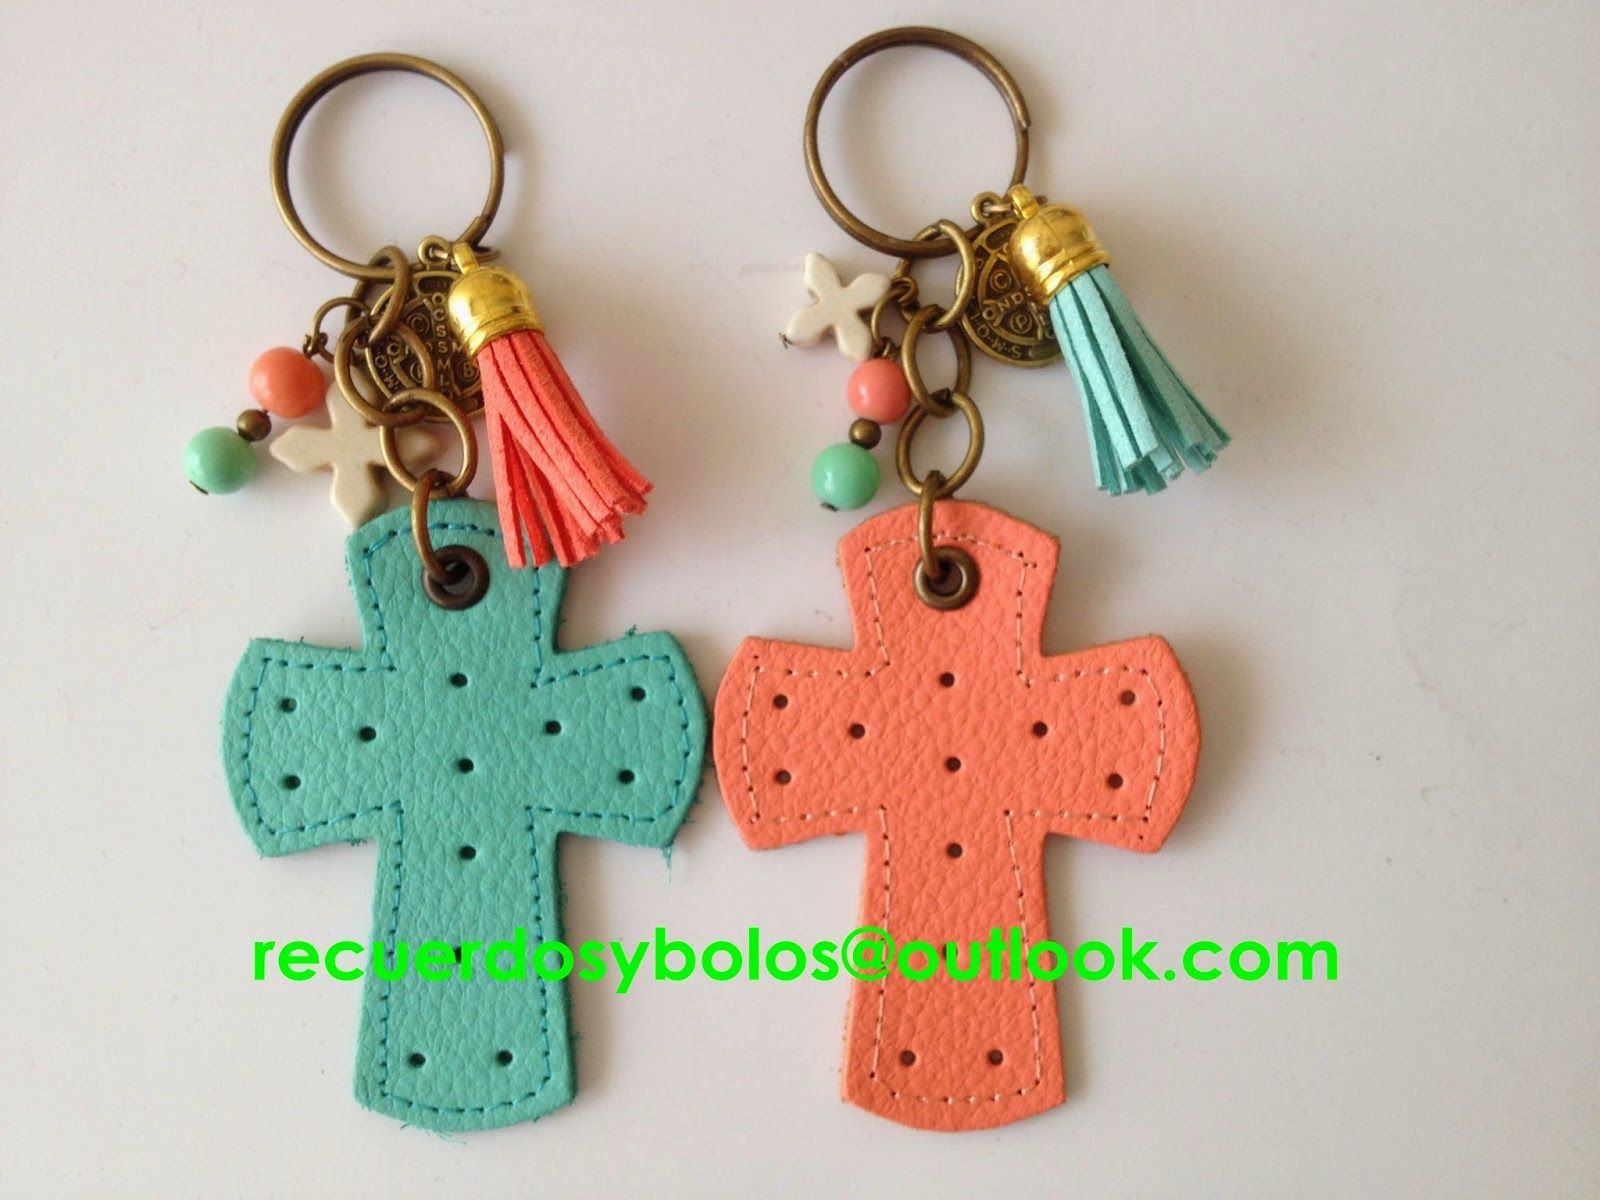 09450cd93da Recuerdos para Bautizo y Primera Comunion  Llaveros de bautizo y Primera  Comunion Hechos a Mano